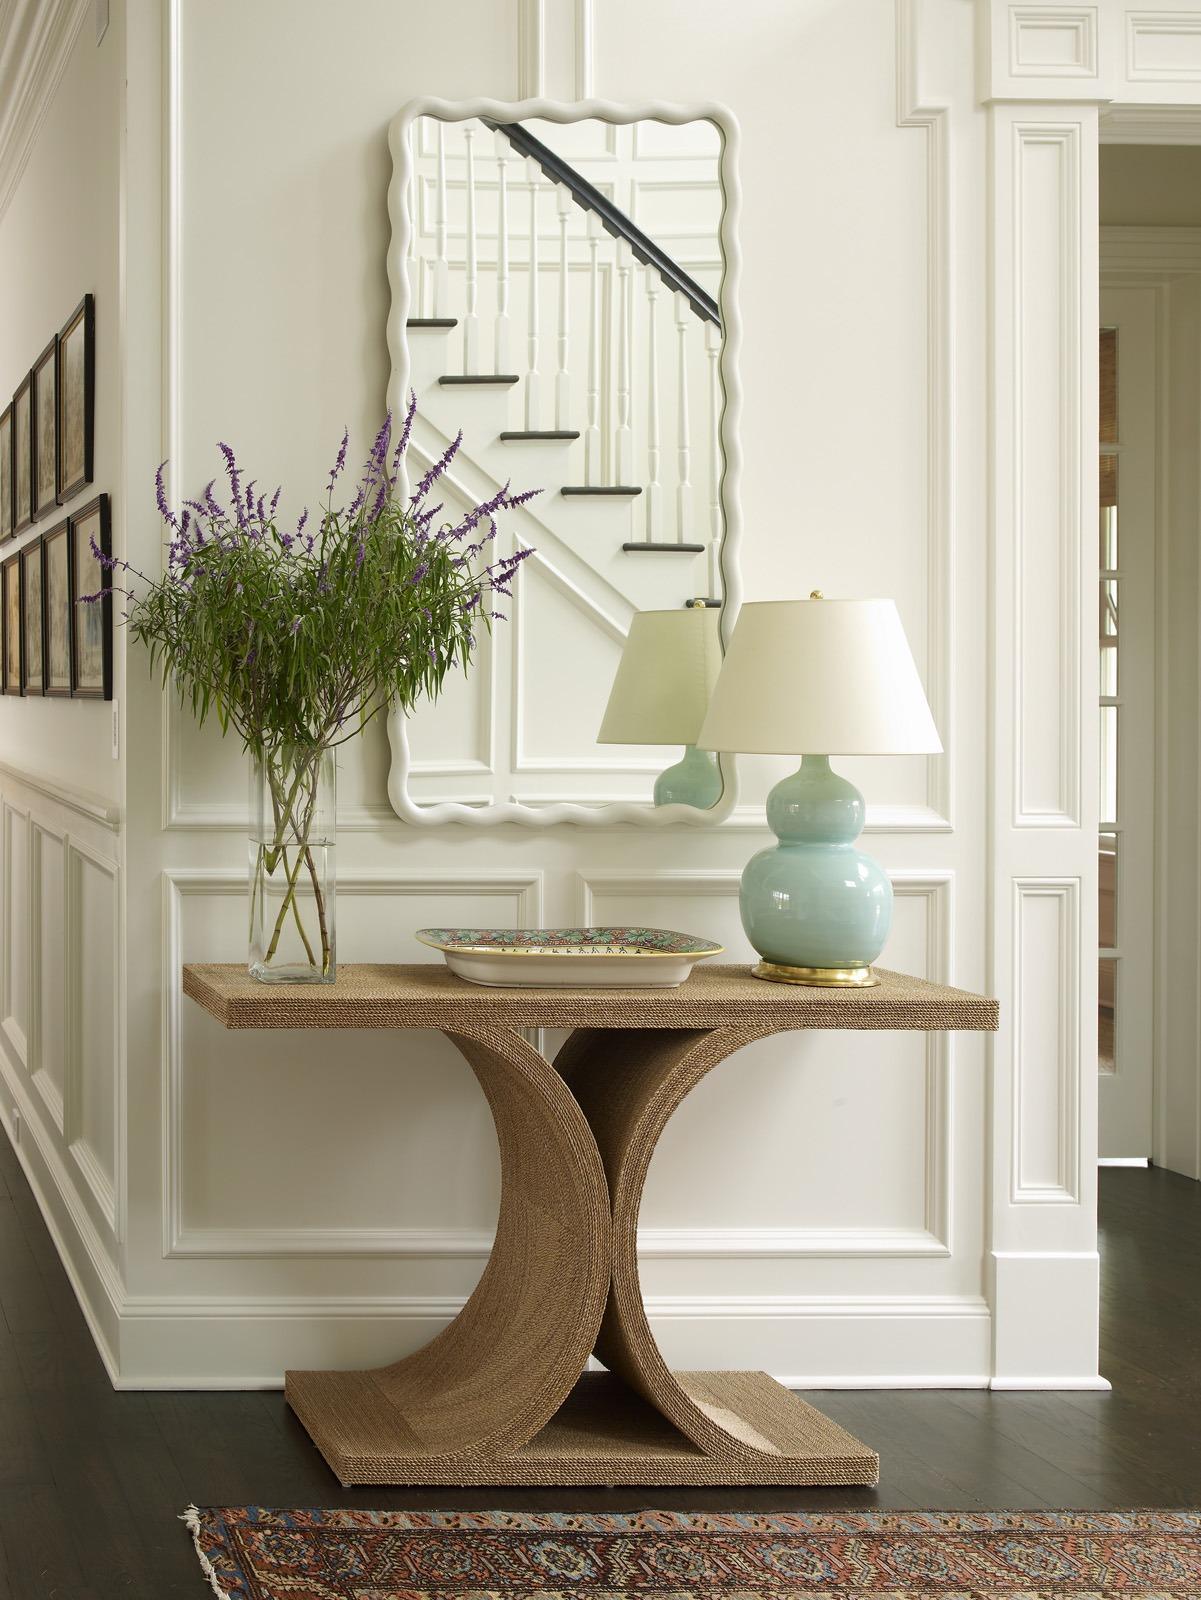 Meg Braff Designs Southampton home entry foyer